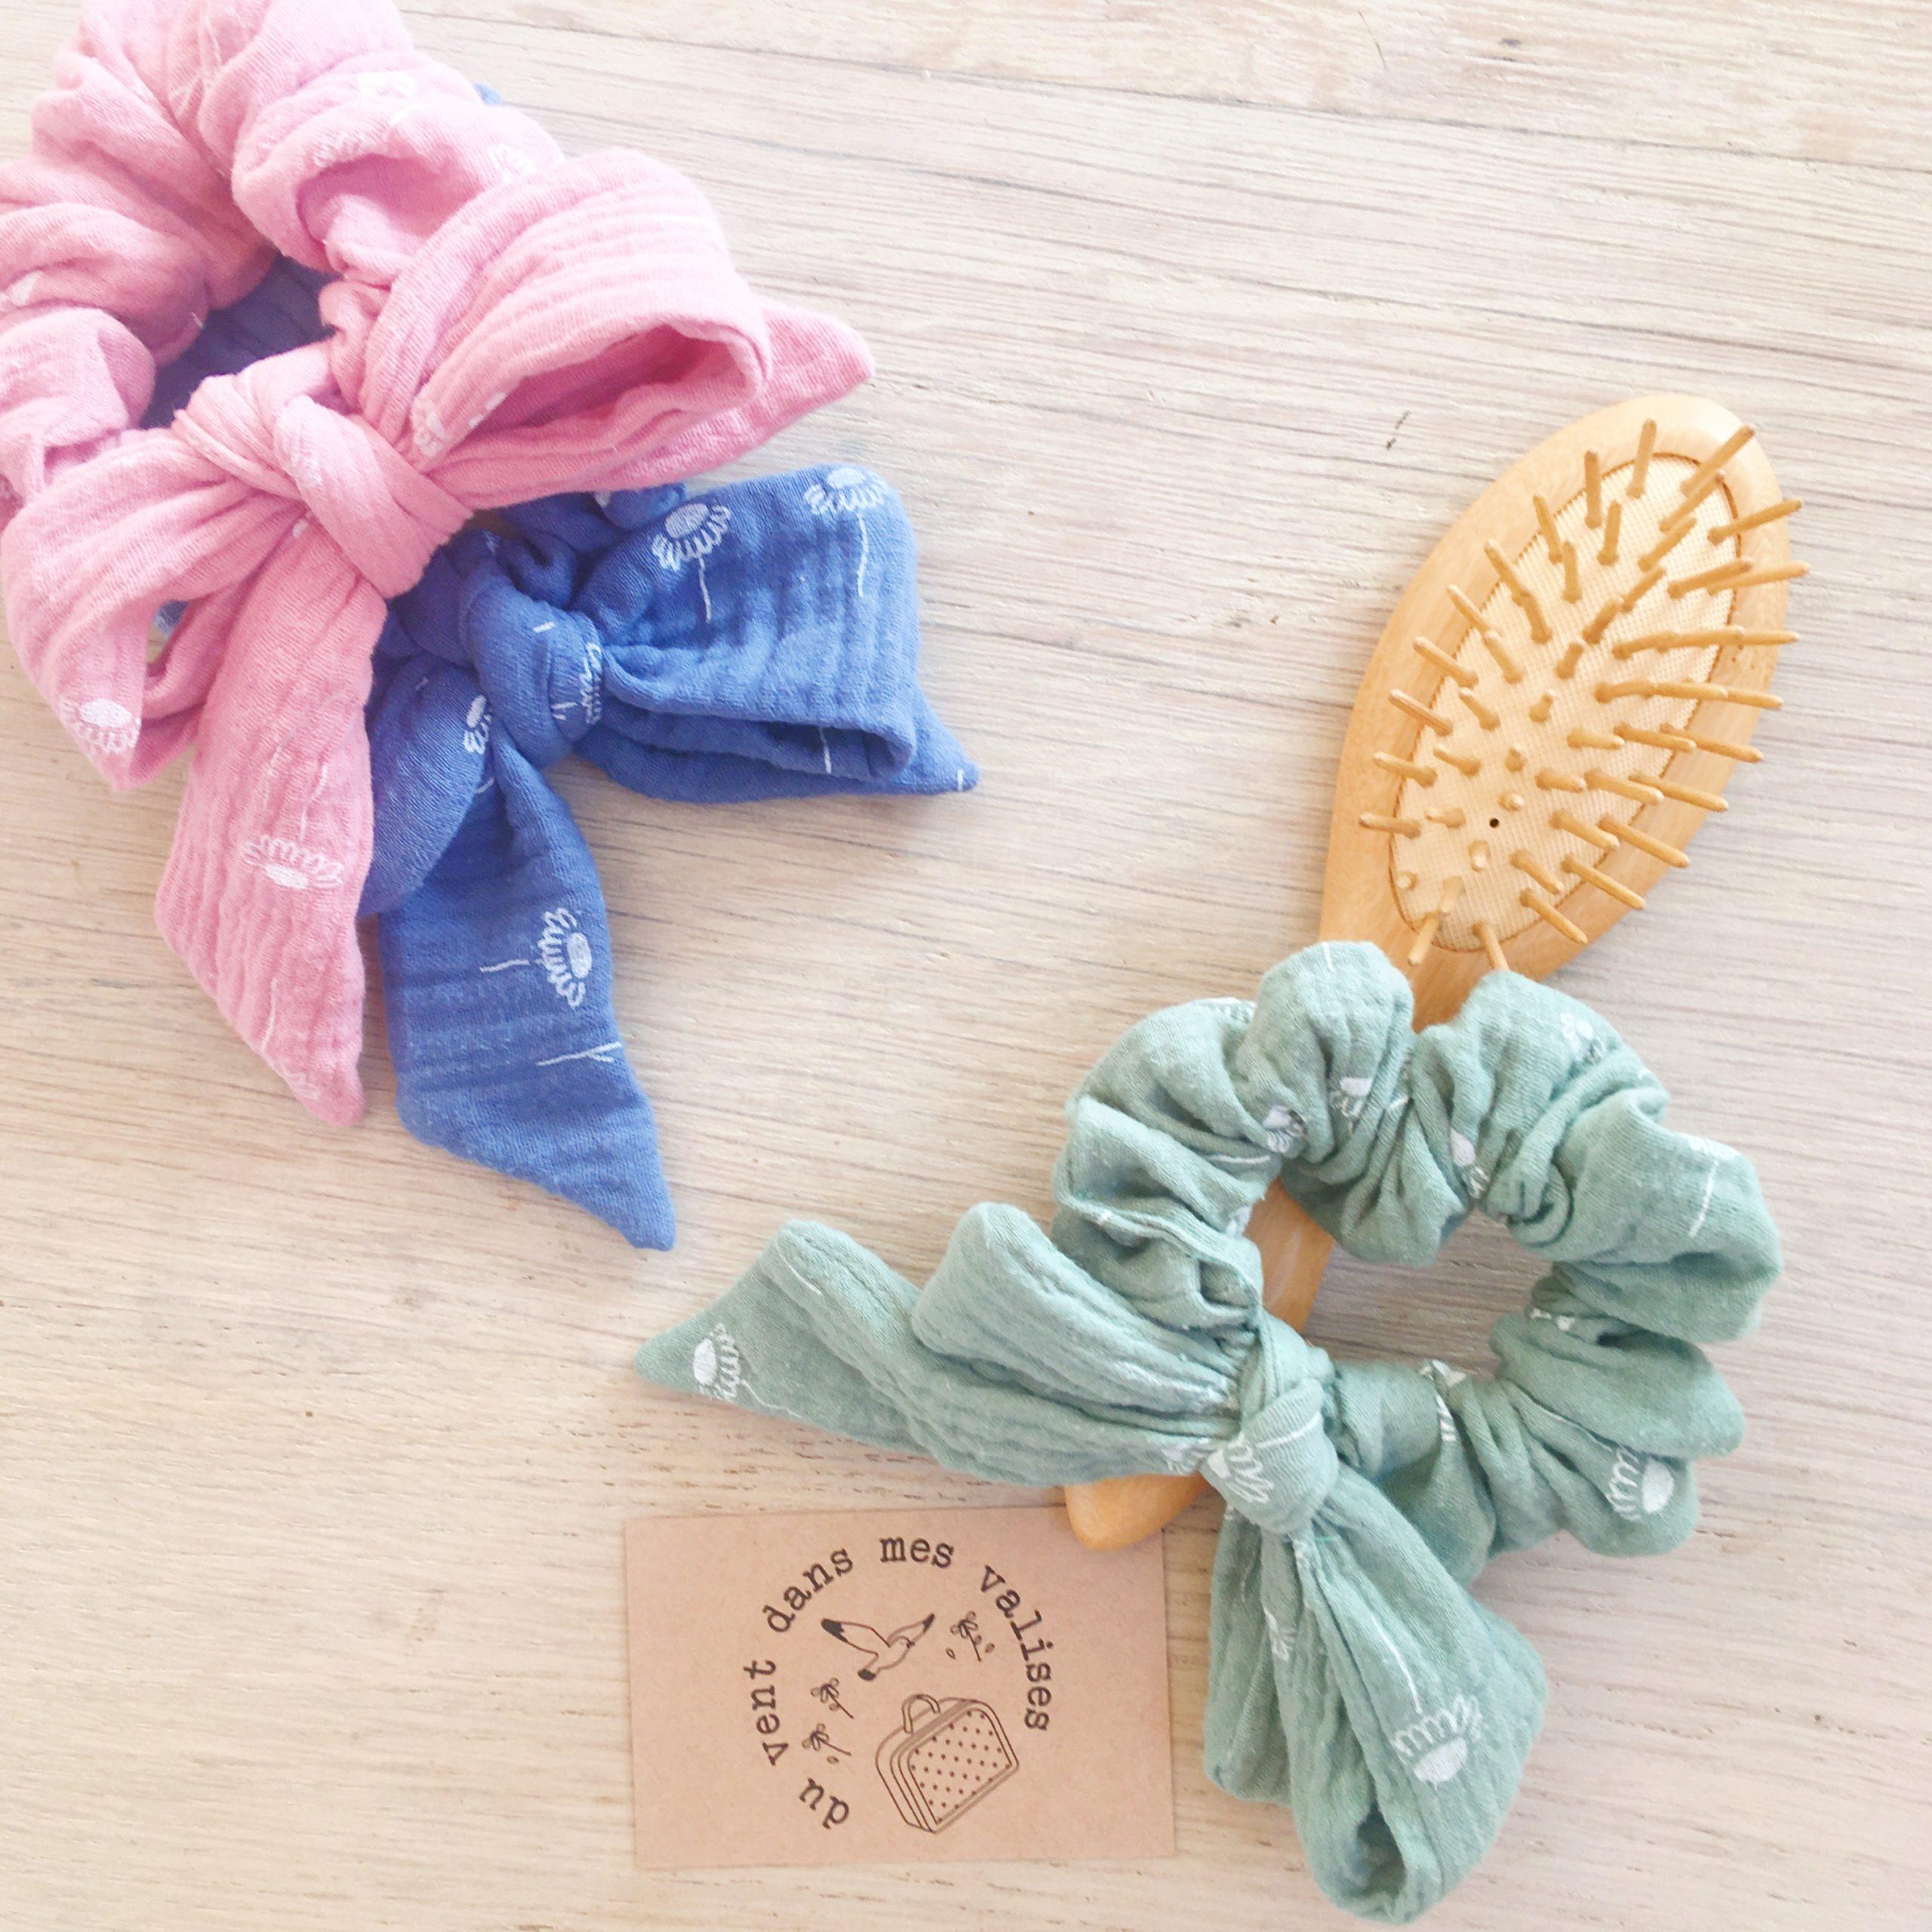 chouchou noeud foulchie chic motif adorable pâquerettes fabrication artisanale française en double gaze de coton - du vent dans mes valises7